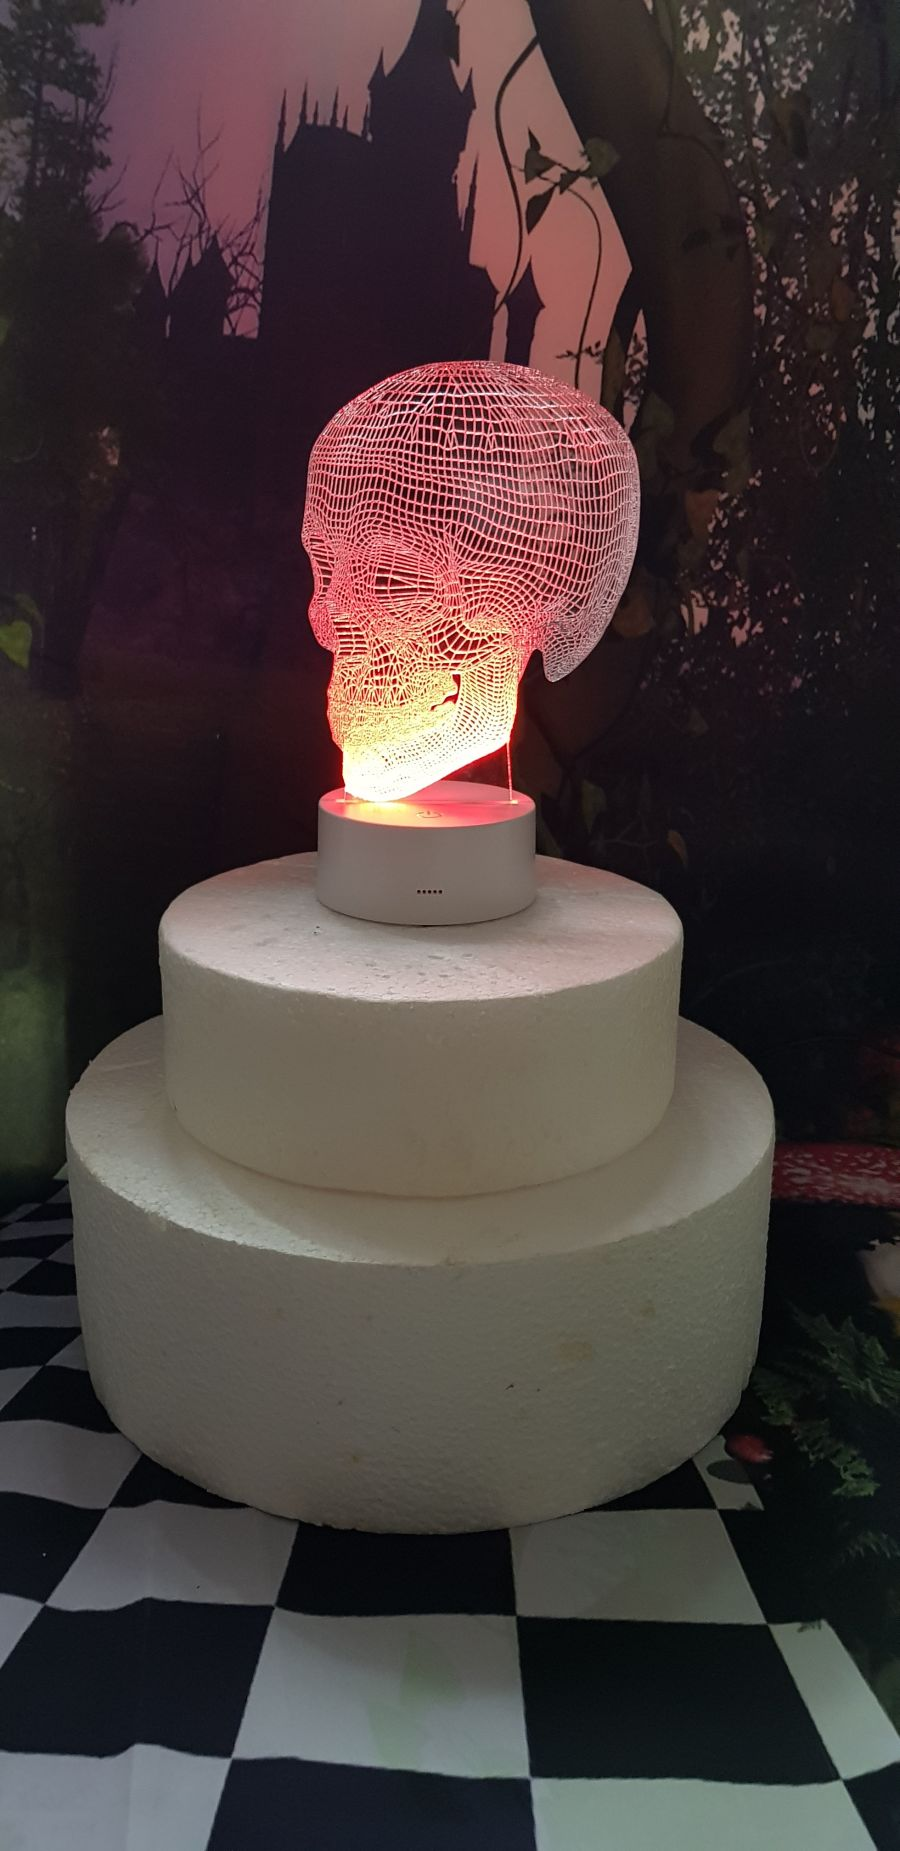 3D skull light up cake topper night light